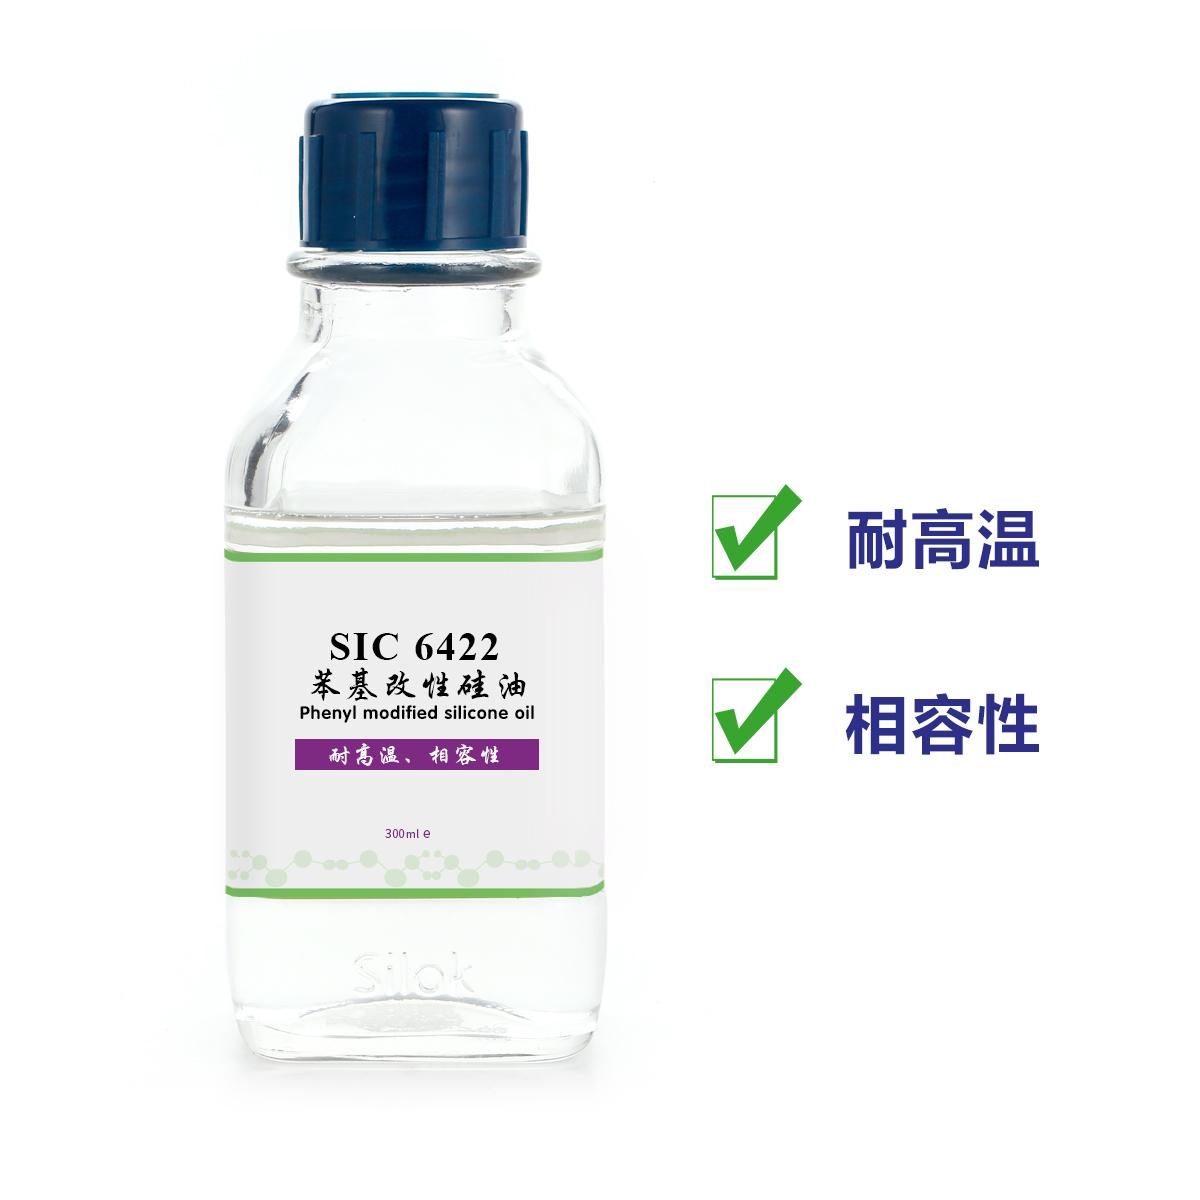 苯基改性硅油